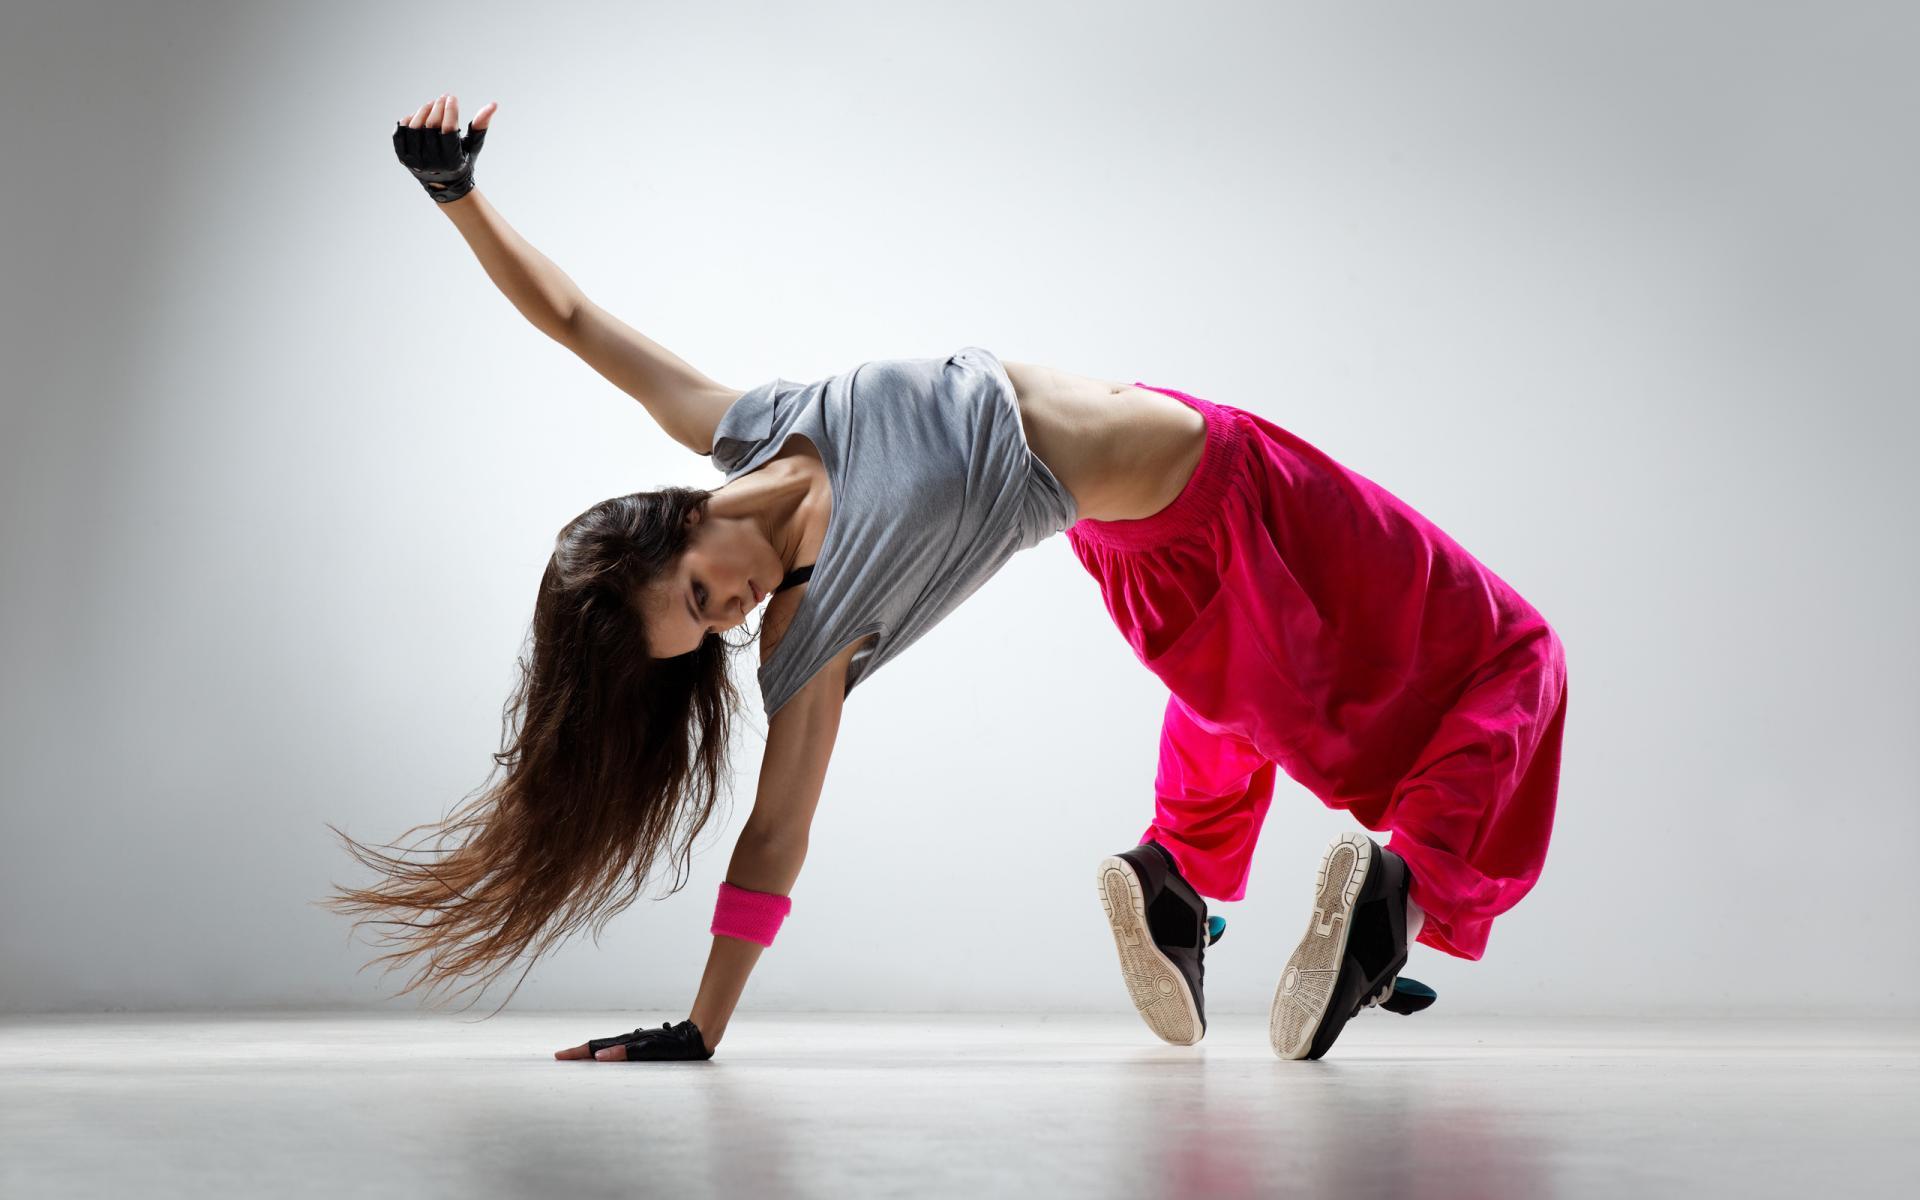 girl-hip-hop-dancer-model